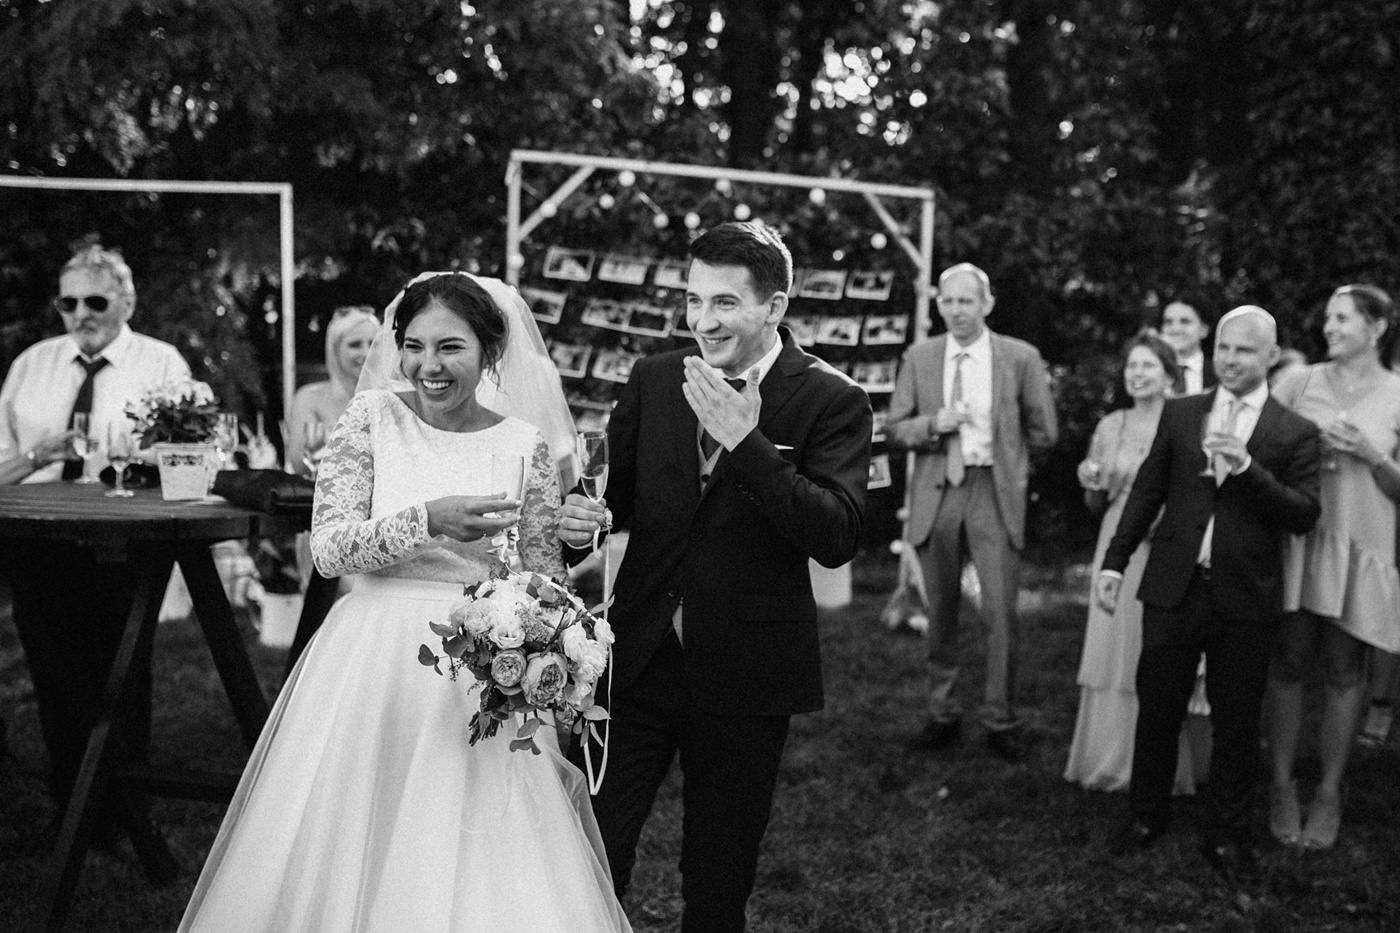 Dominika & Aleksander - Rustykalne wesele w stodole - Baborówko 96